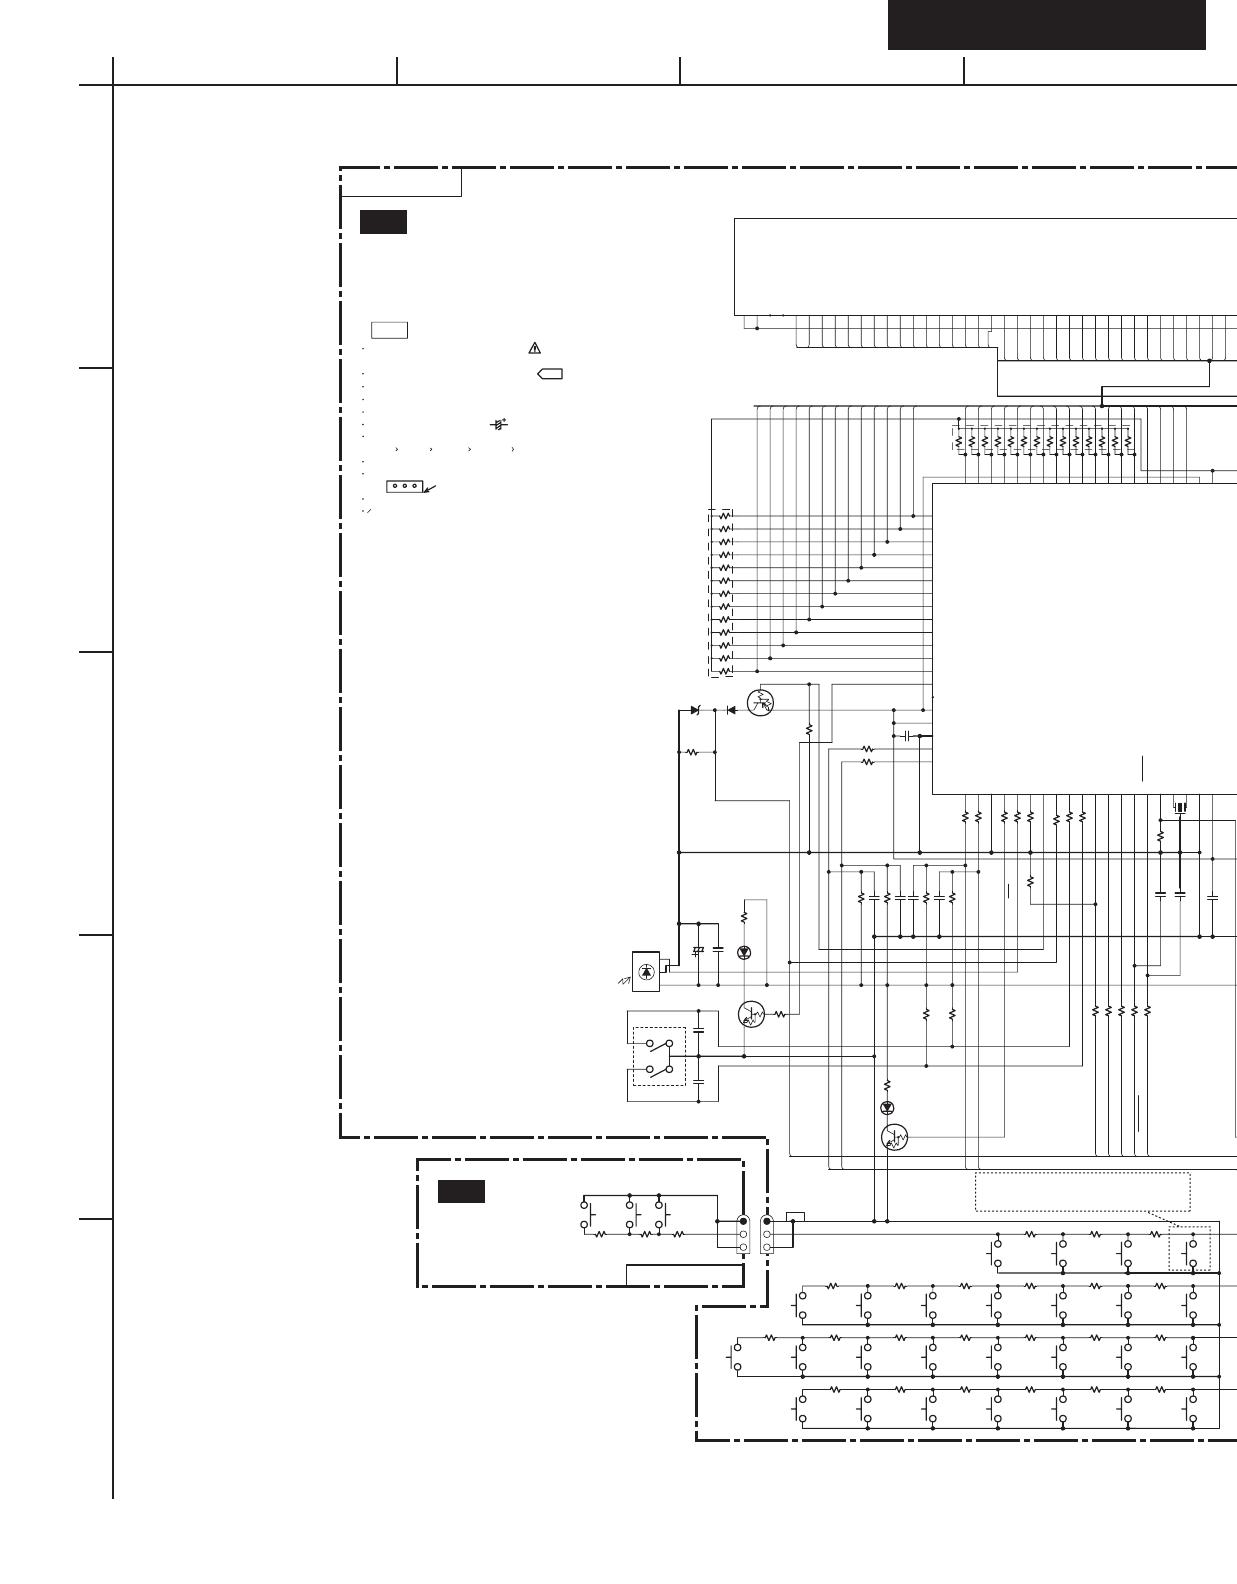 FC_TXSR502 Onkyo Stereo Receiver TX SR502 SR 8250